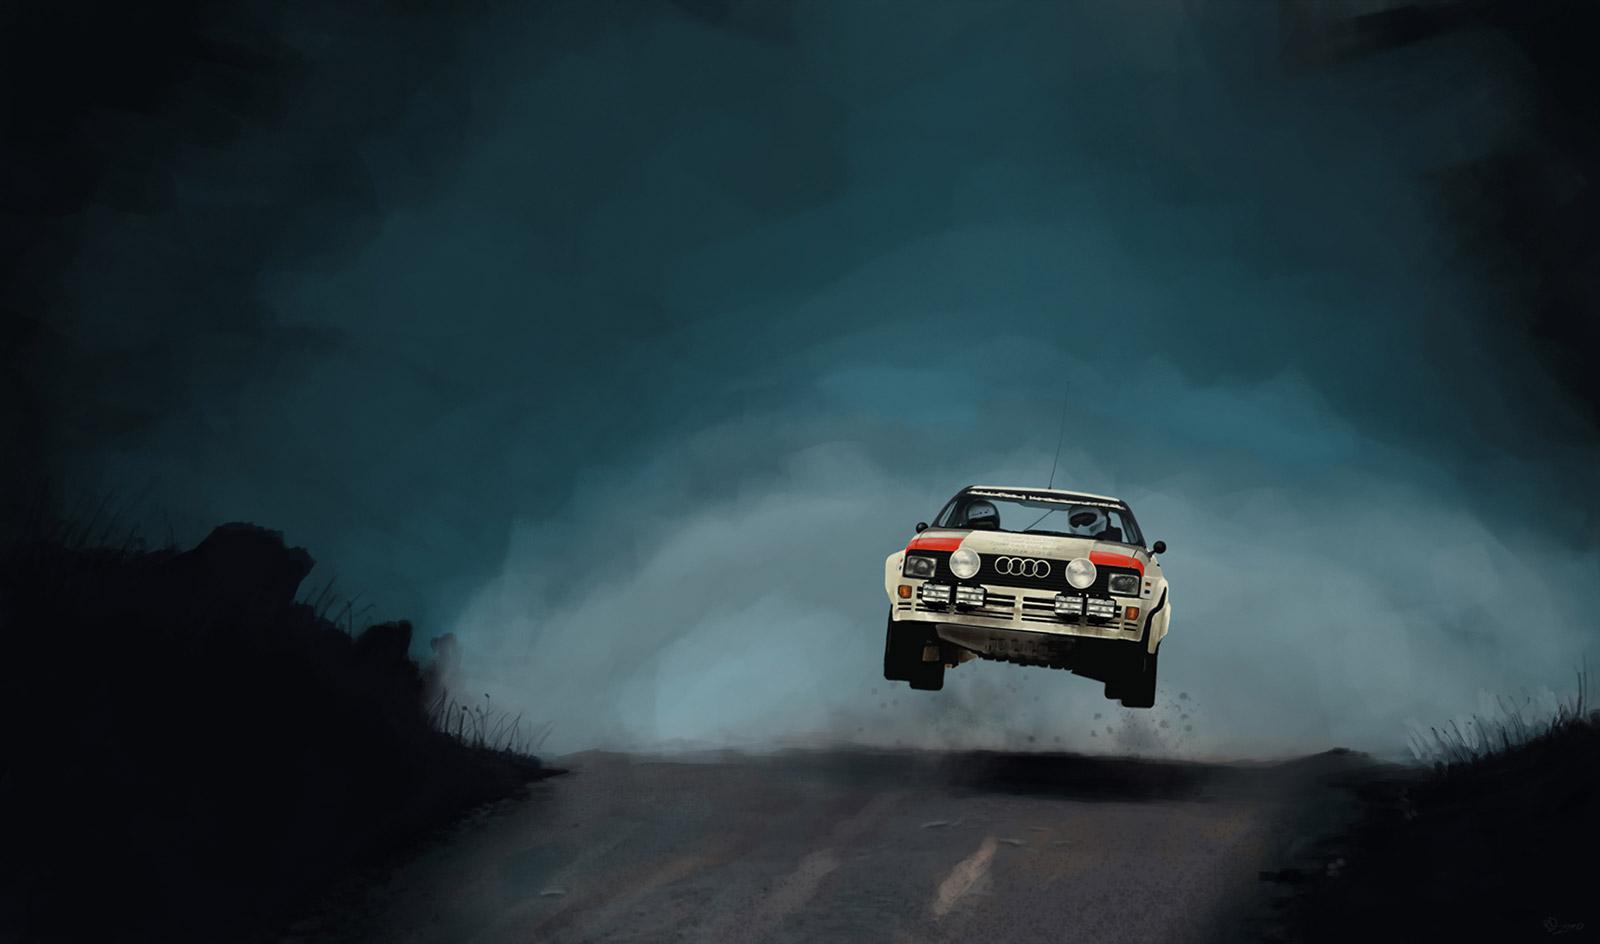 ماشین مسابقه ای